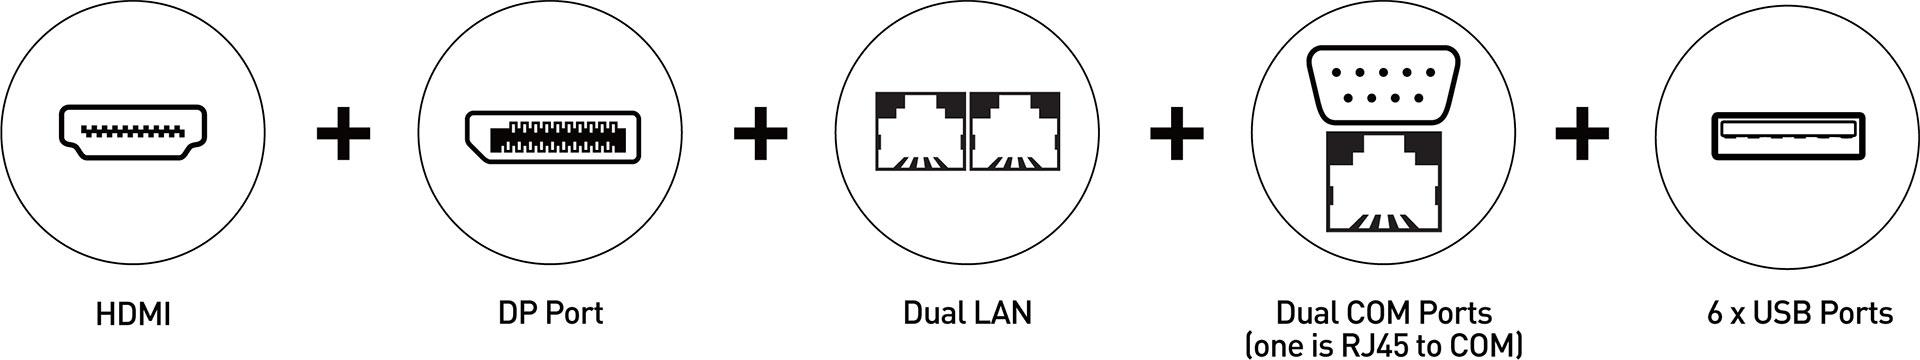 Mini ordinateur MSI Cubi 3 Silent S 005BEU i3 7100U, dual LAN, Port Série, Wi-Fi AC, Bluetooth, emplacement DDR4 x2 et M.2 + 2.5 pouces, informatique ile de la Réunion 974